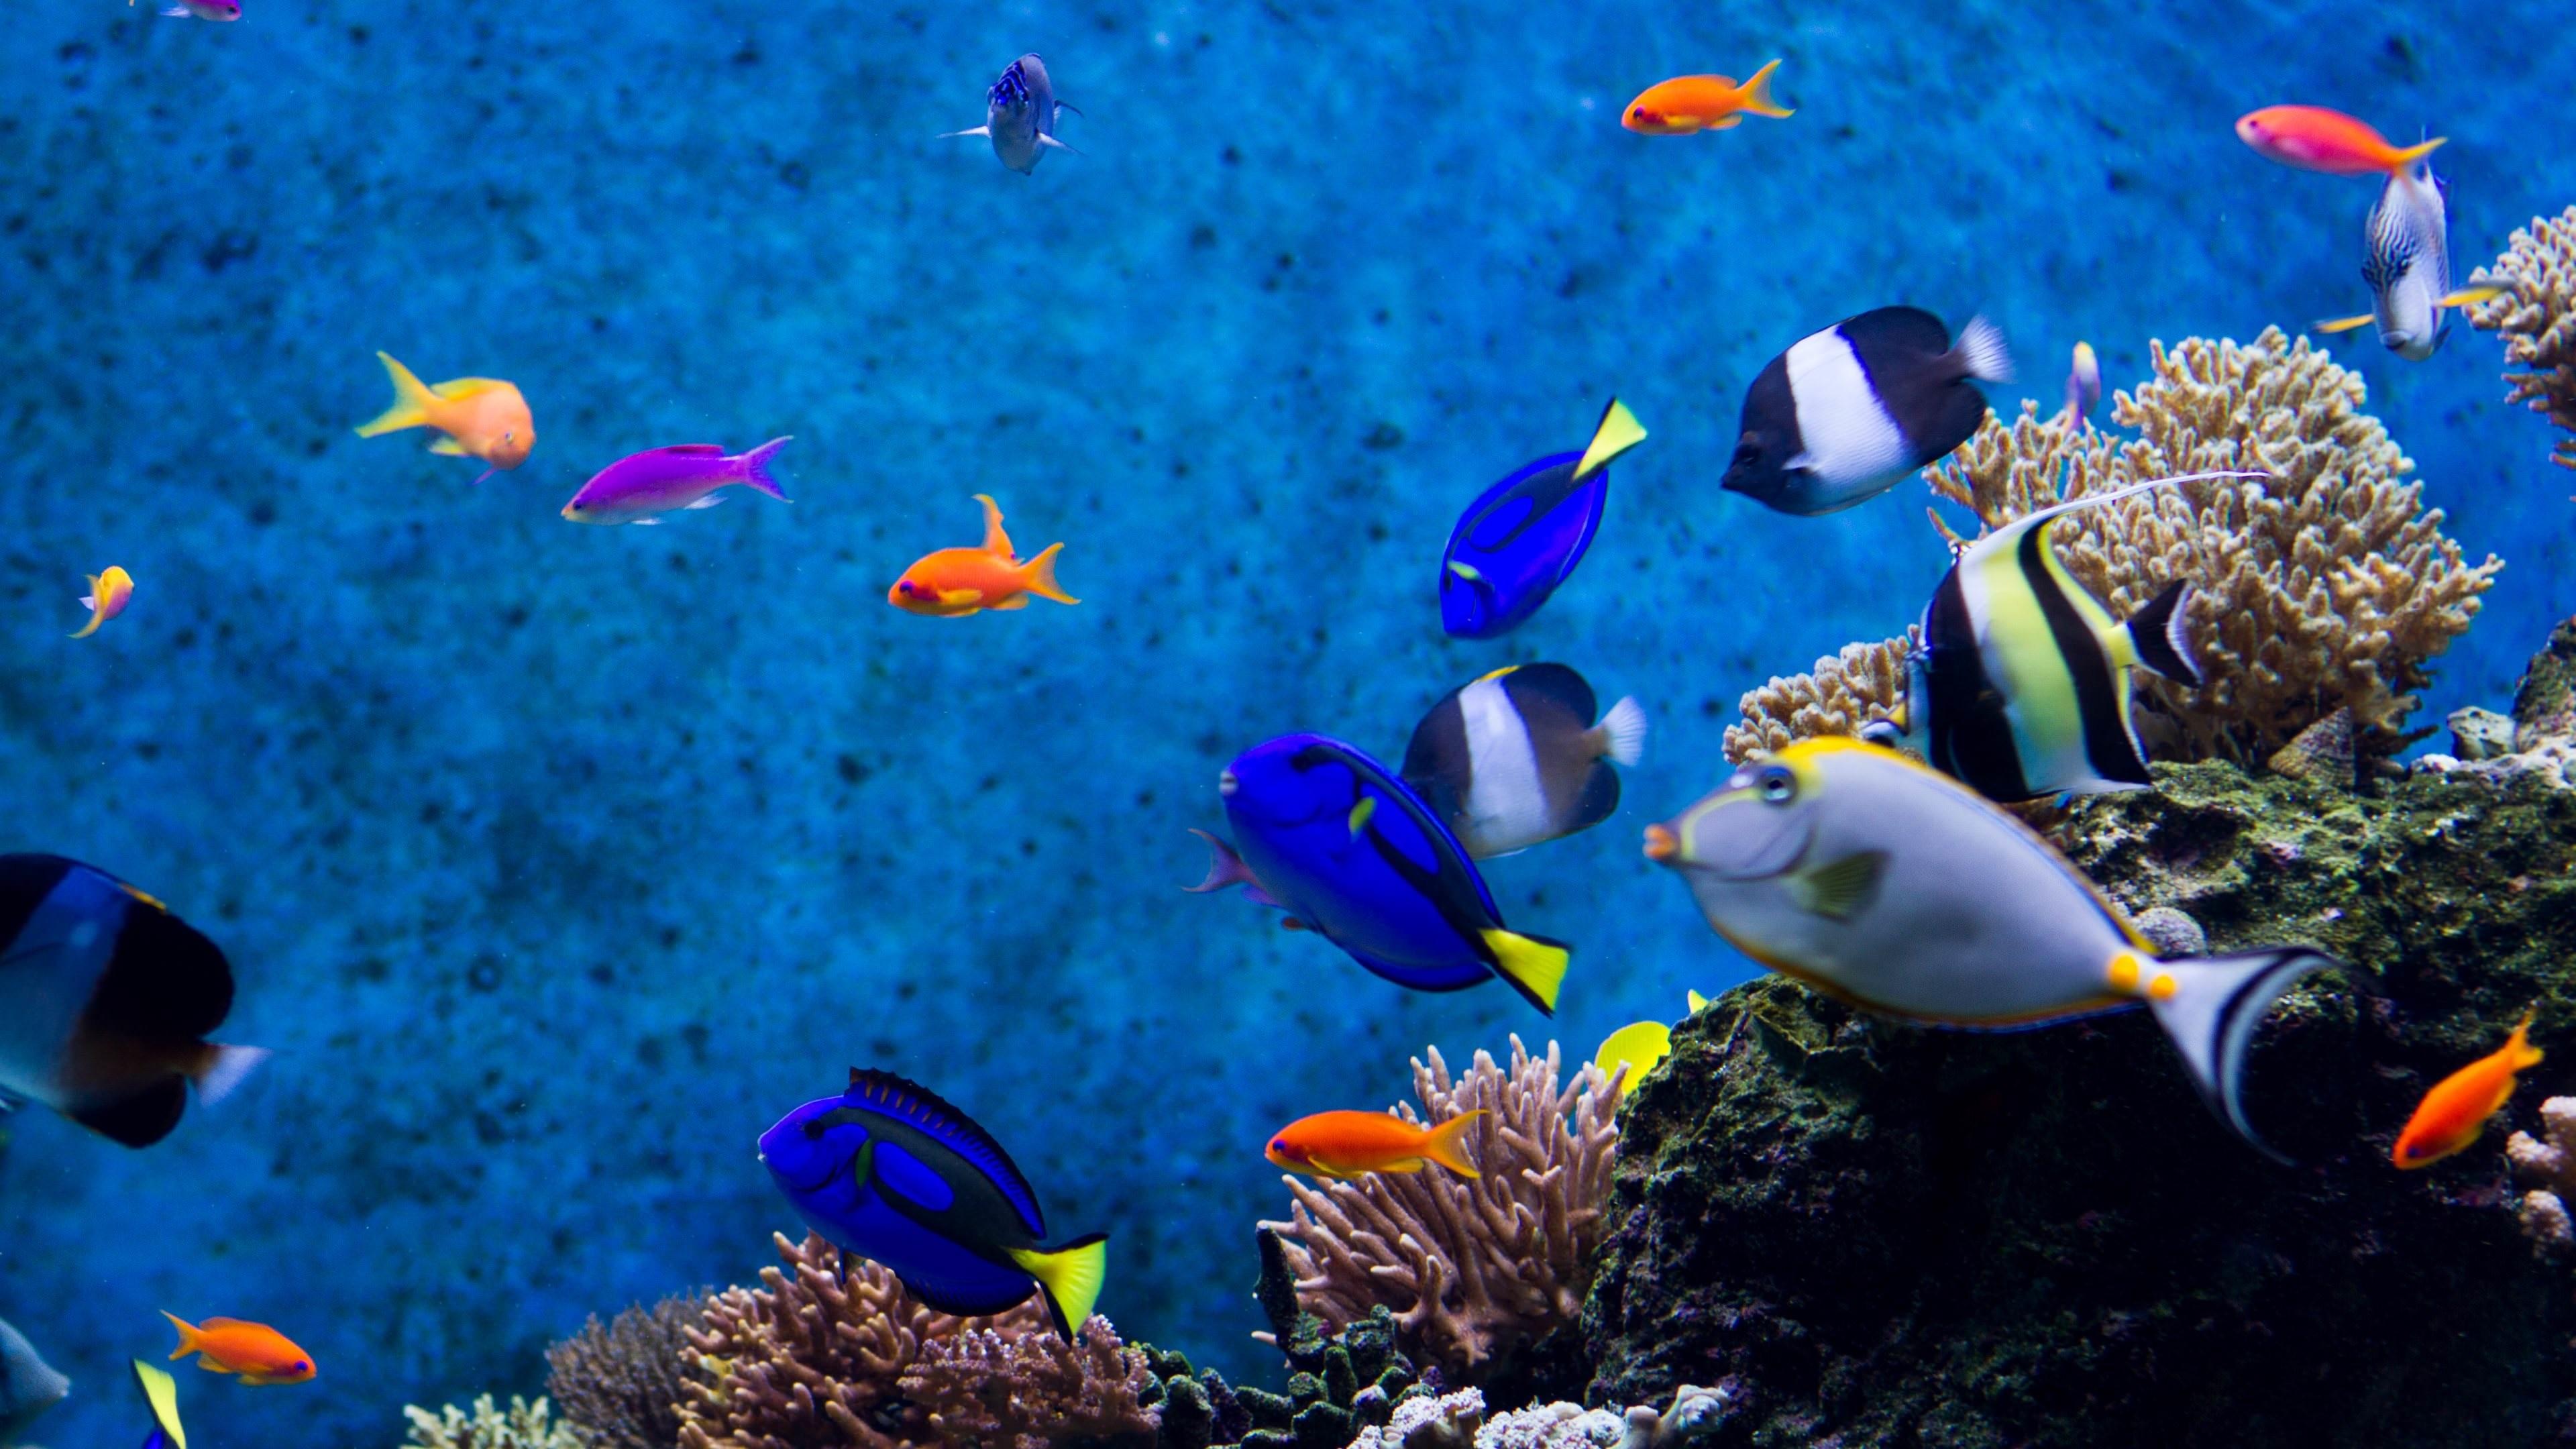 Animated Coral Reef Wallpaper – WallpaperSafari